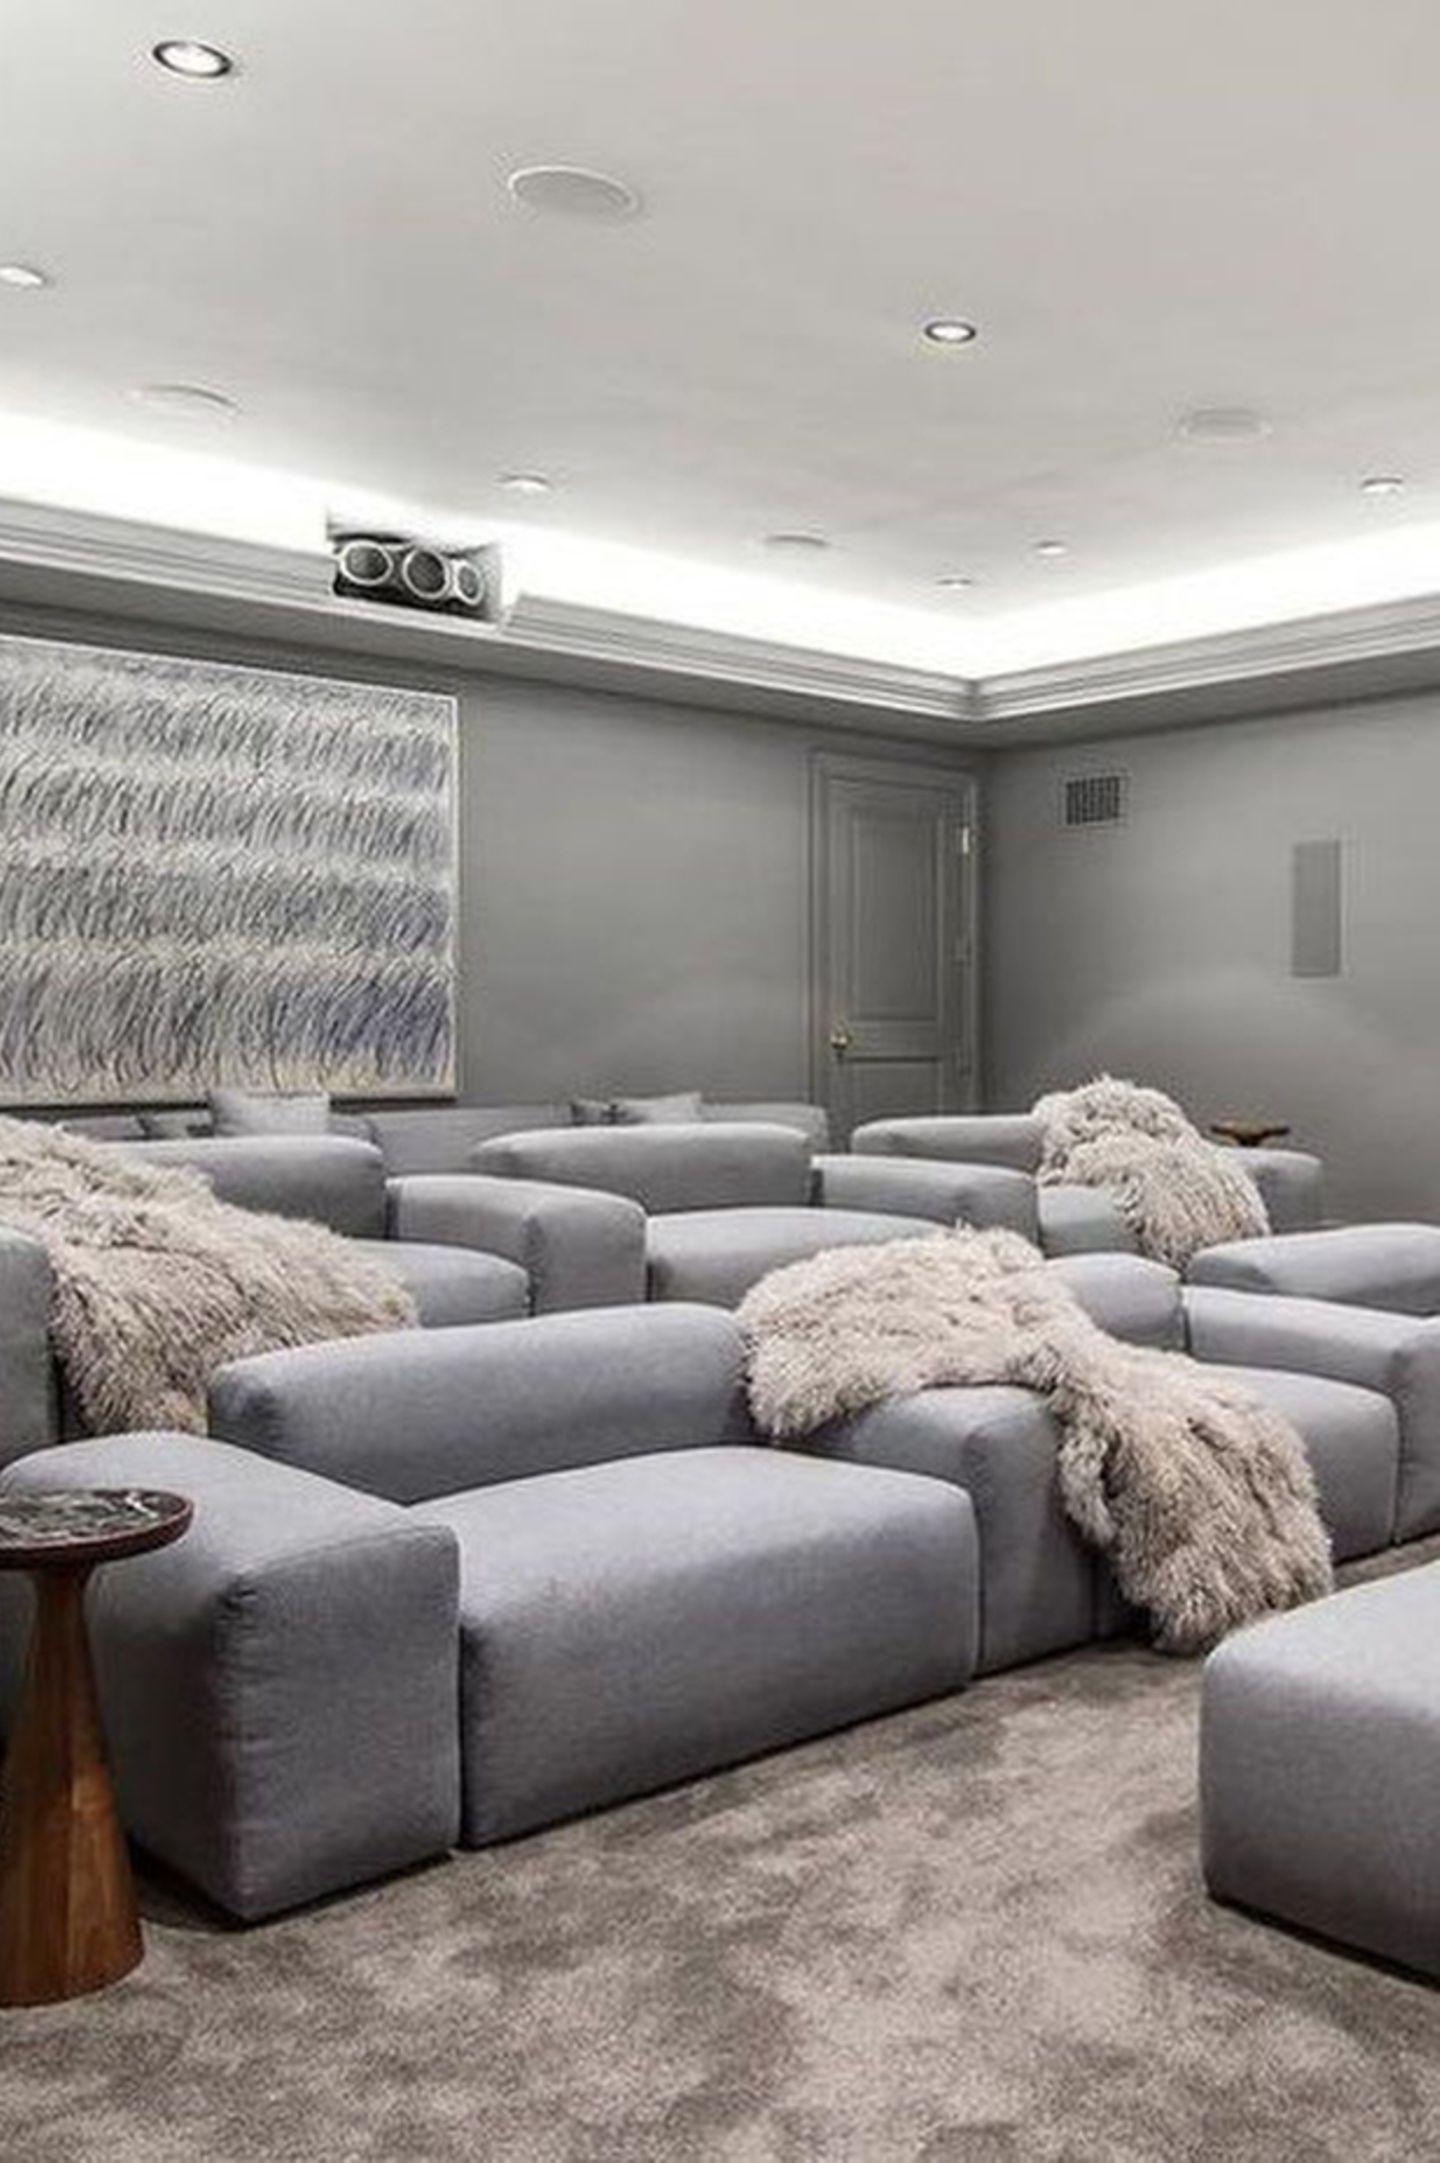 Ein Kinobesuch am Sonntag? Klar, in Bens neuem Heimkino ist es jetzt möglich. Die Räumlichkeit bietet genügen Platz für einen schönen Filmabend. Grautöne dominieren in Kombination mit gemütlichen Elementen in Cremetönen.